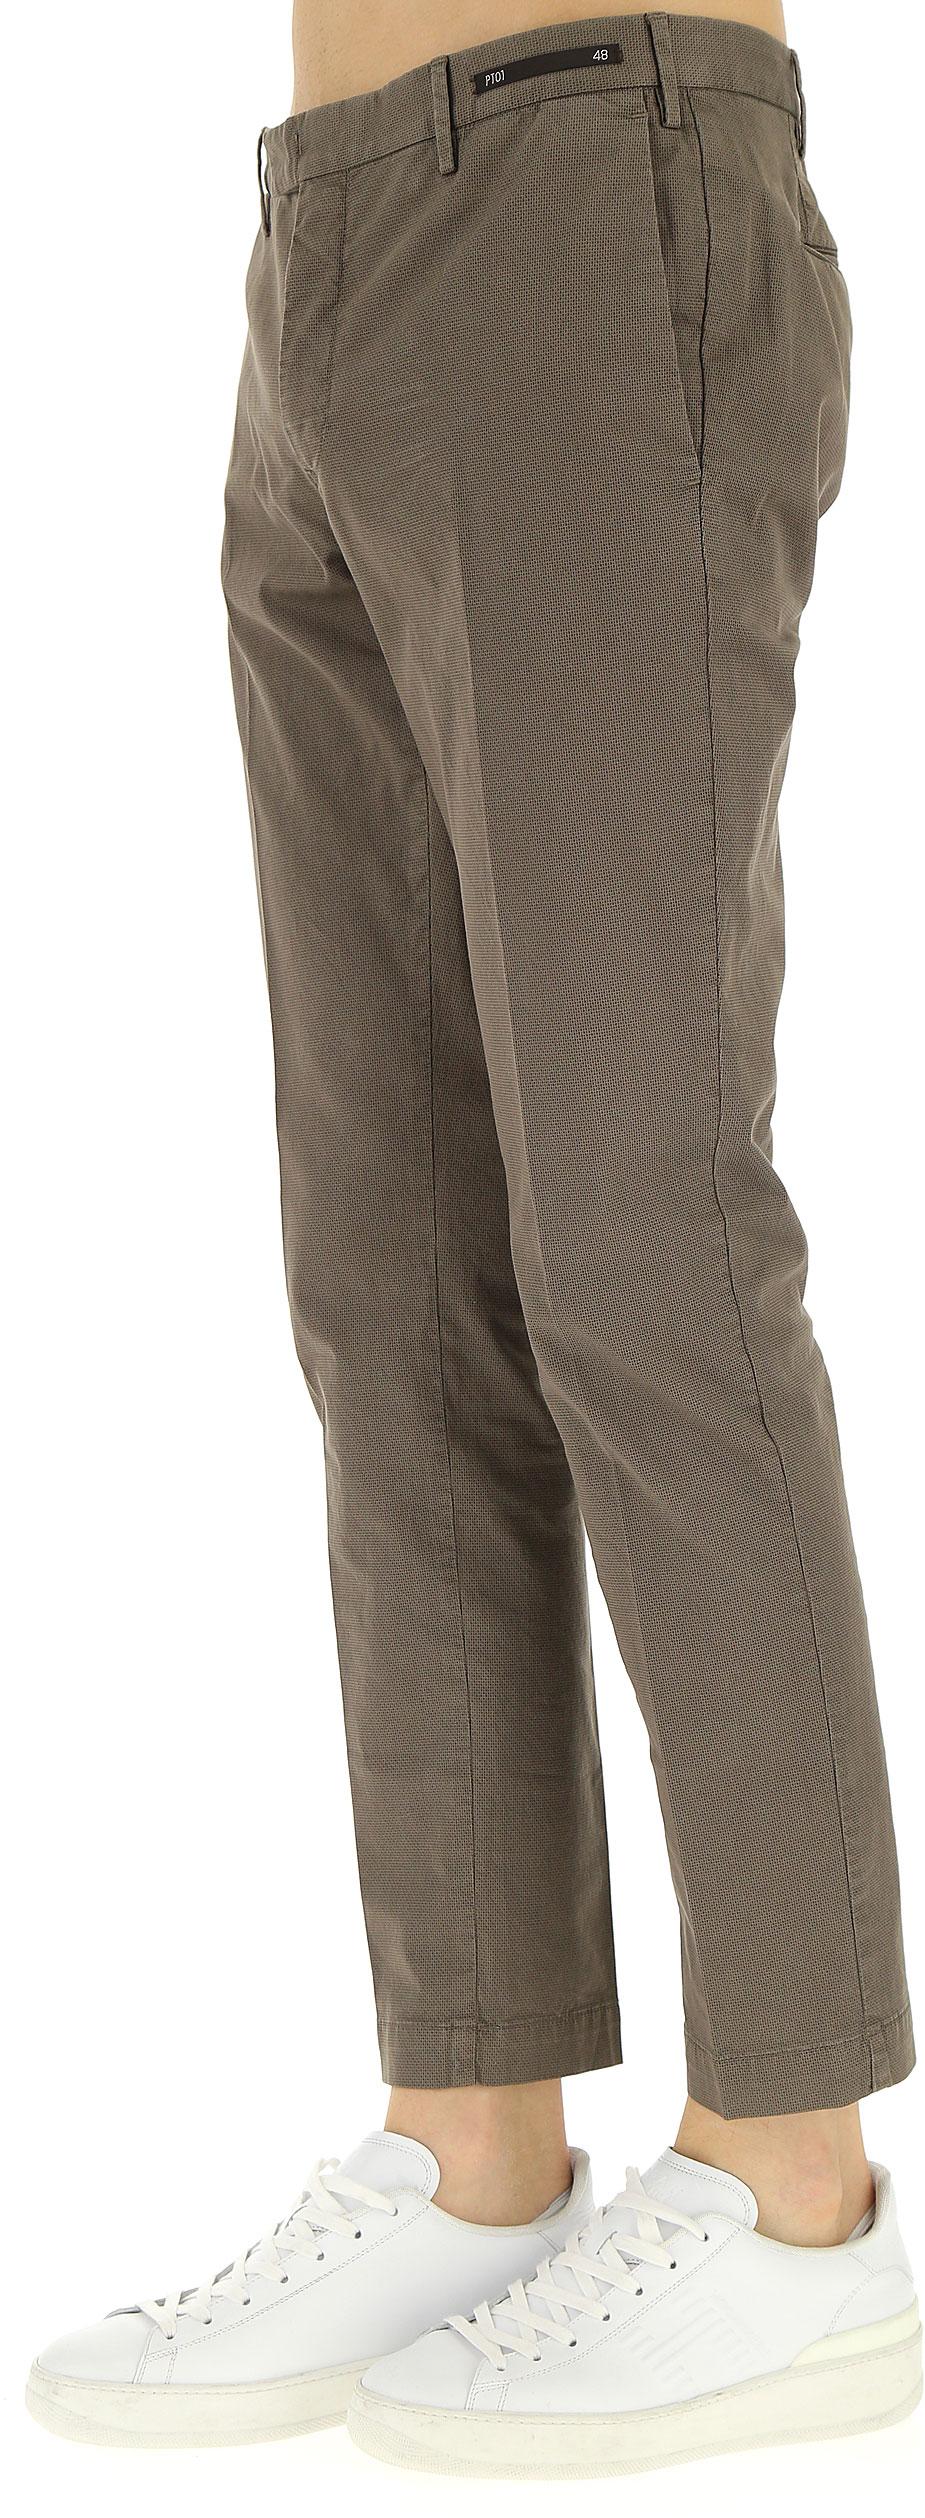 Abbigliamento Uomo PT01, Codice Articolo: nt82-0120-